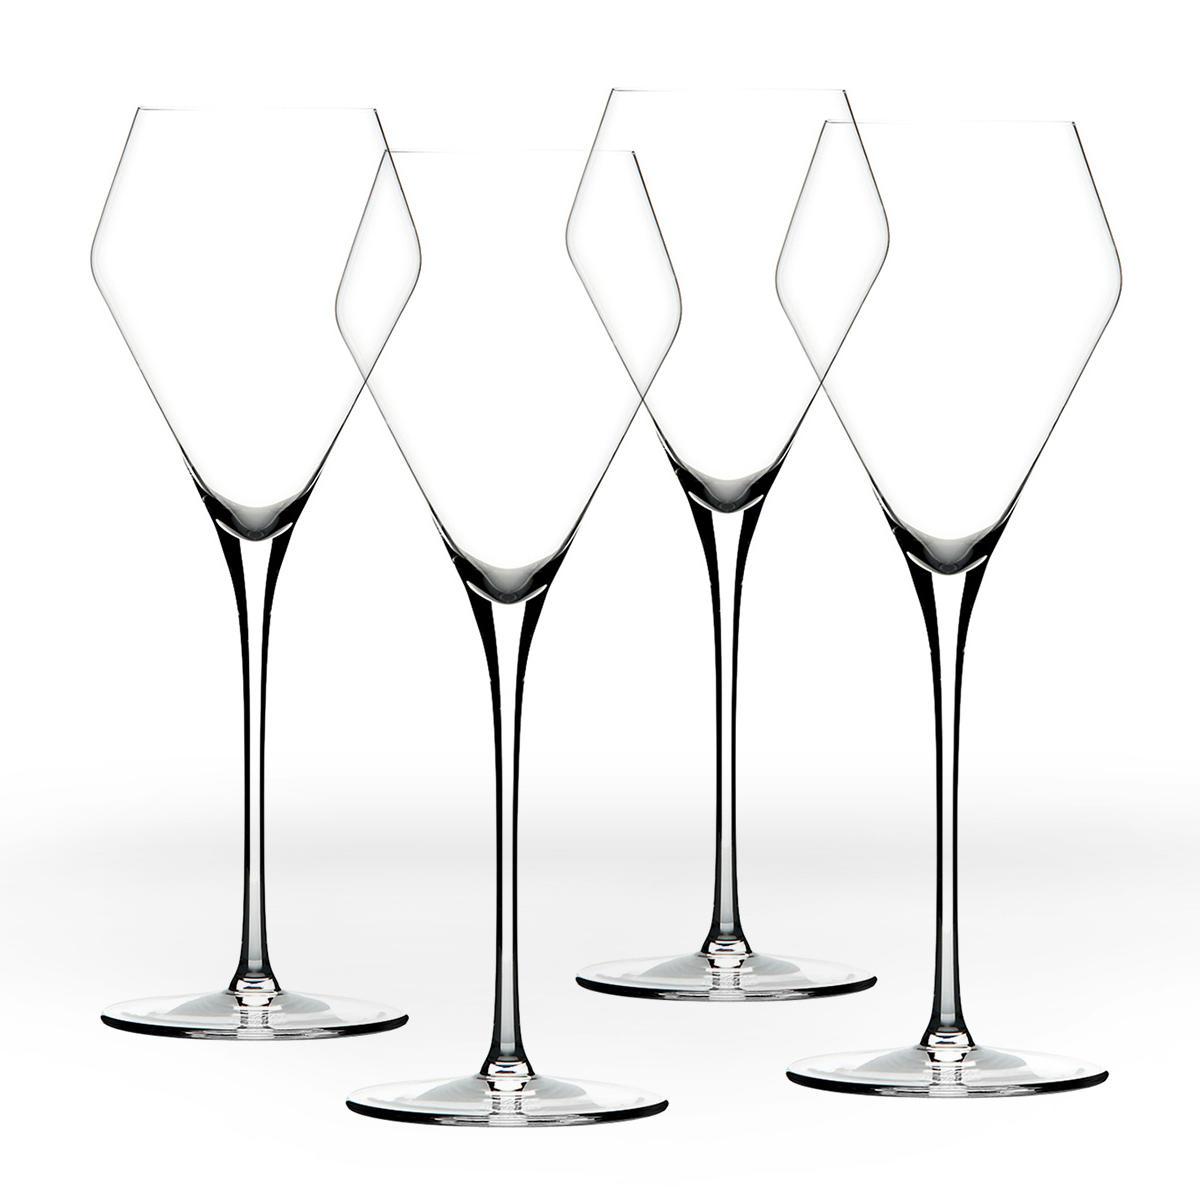 1200x1200 Zalto Hand Blown Dessert Wine Glasses (Single Or Set) Zalto